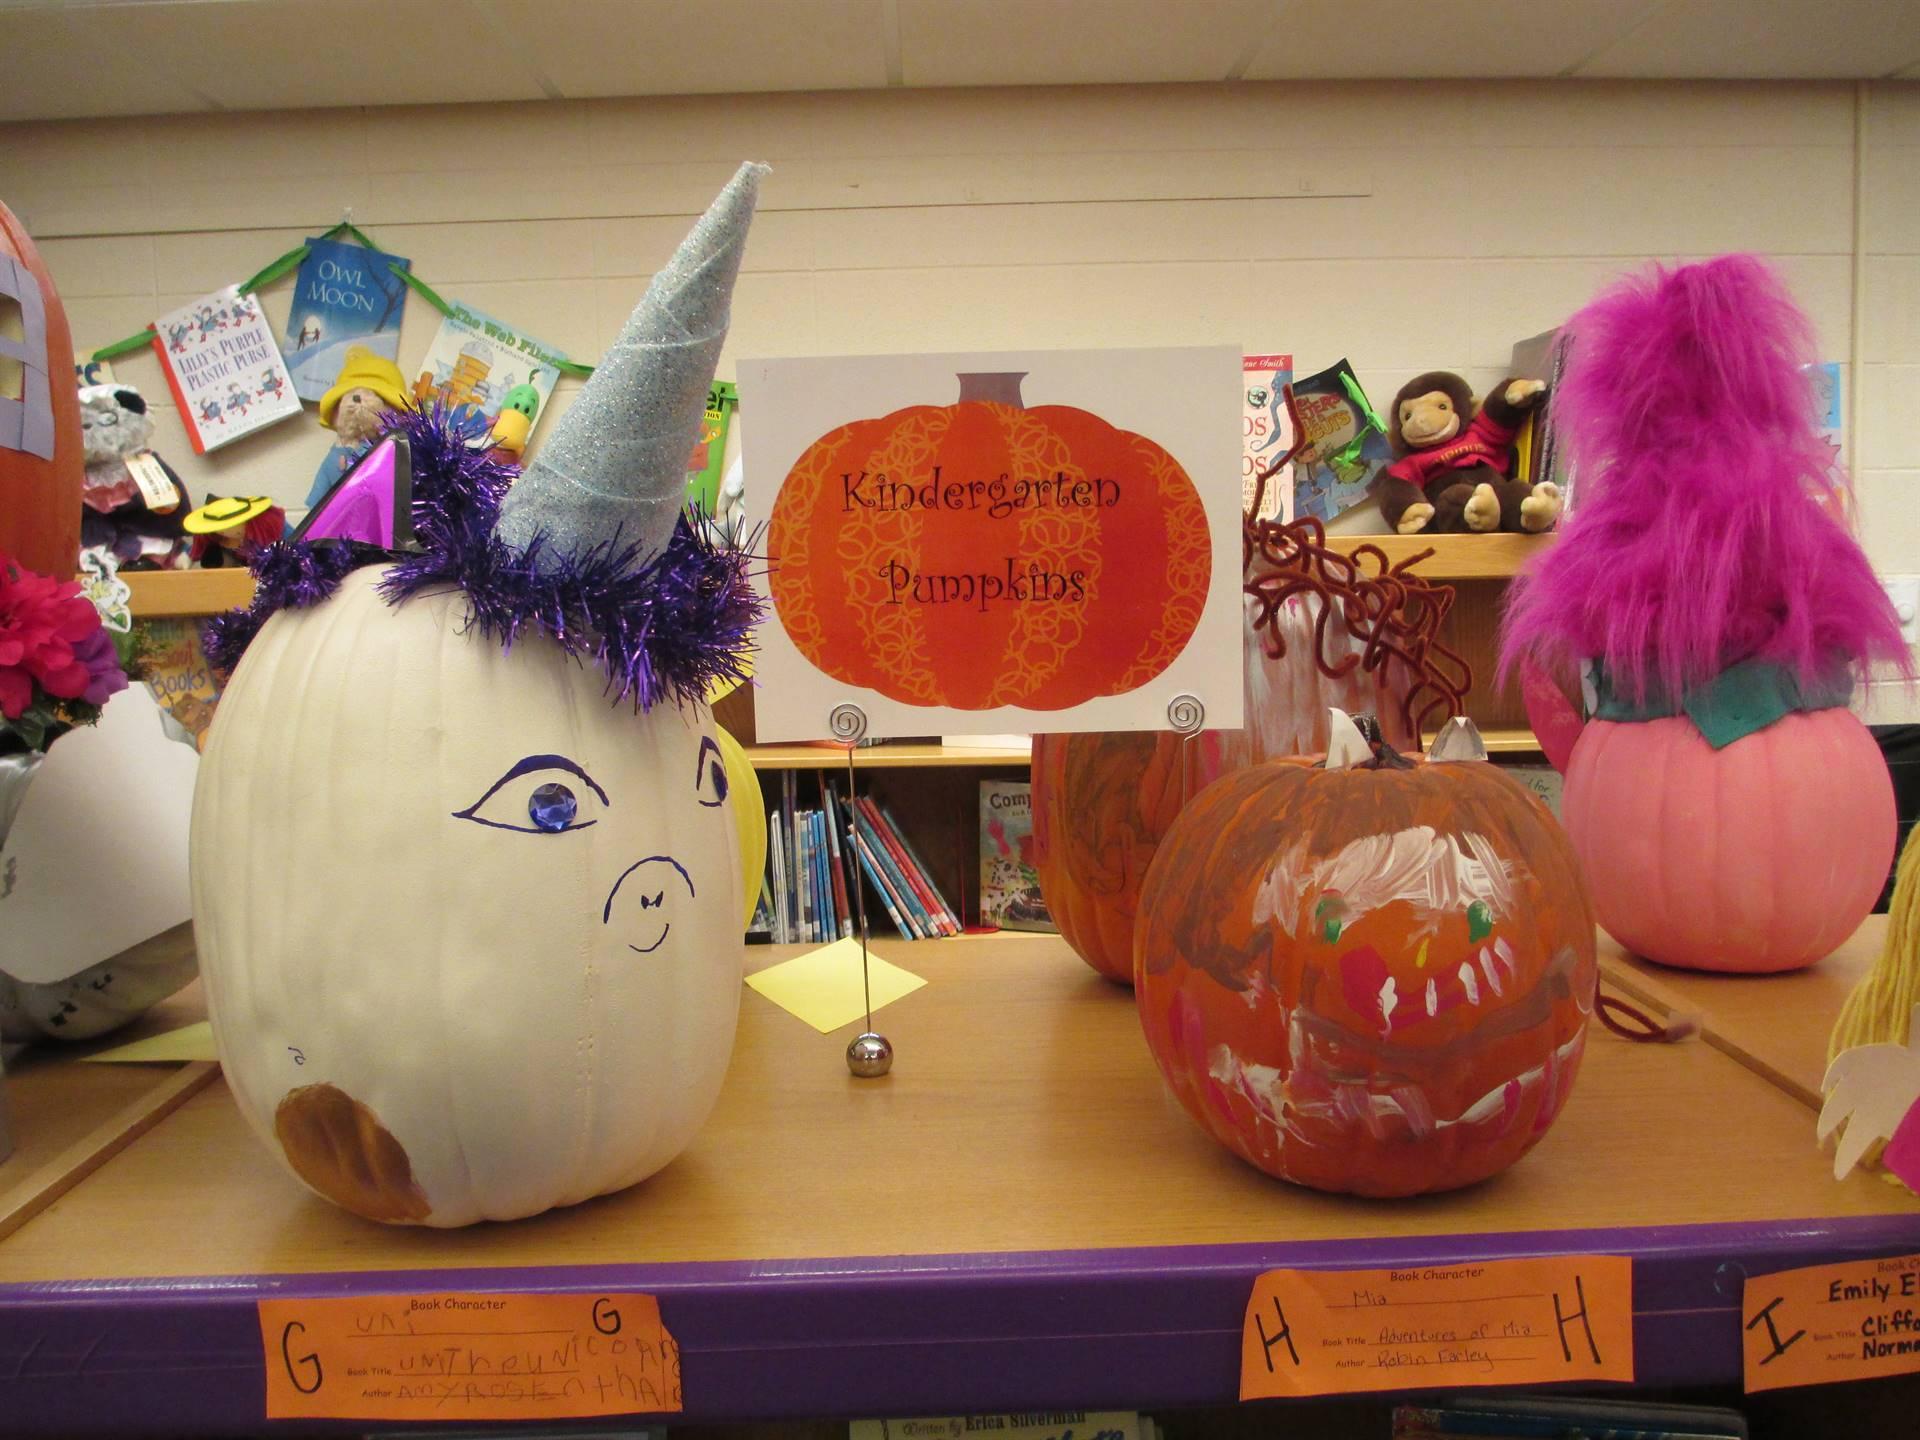 Kindergarten Pumpkins